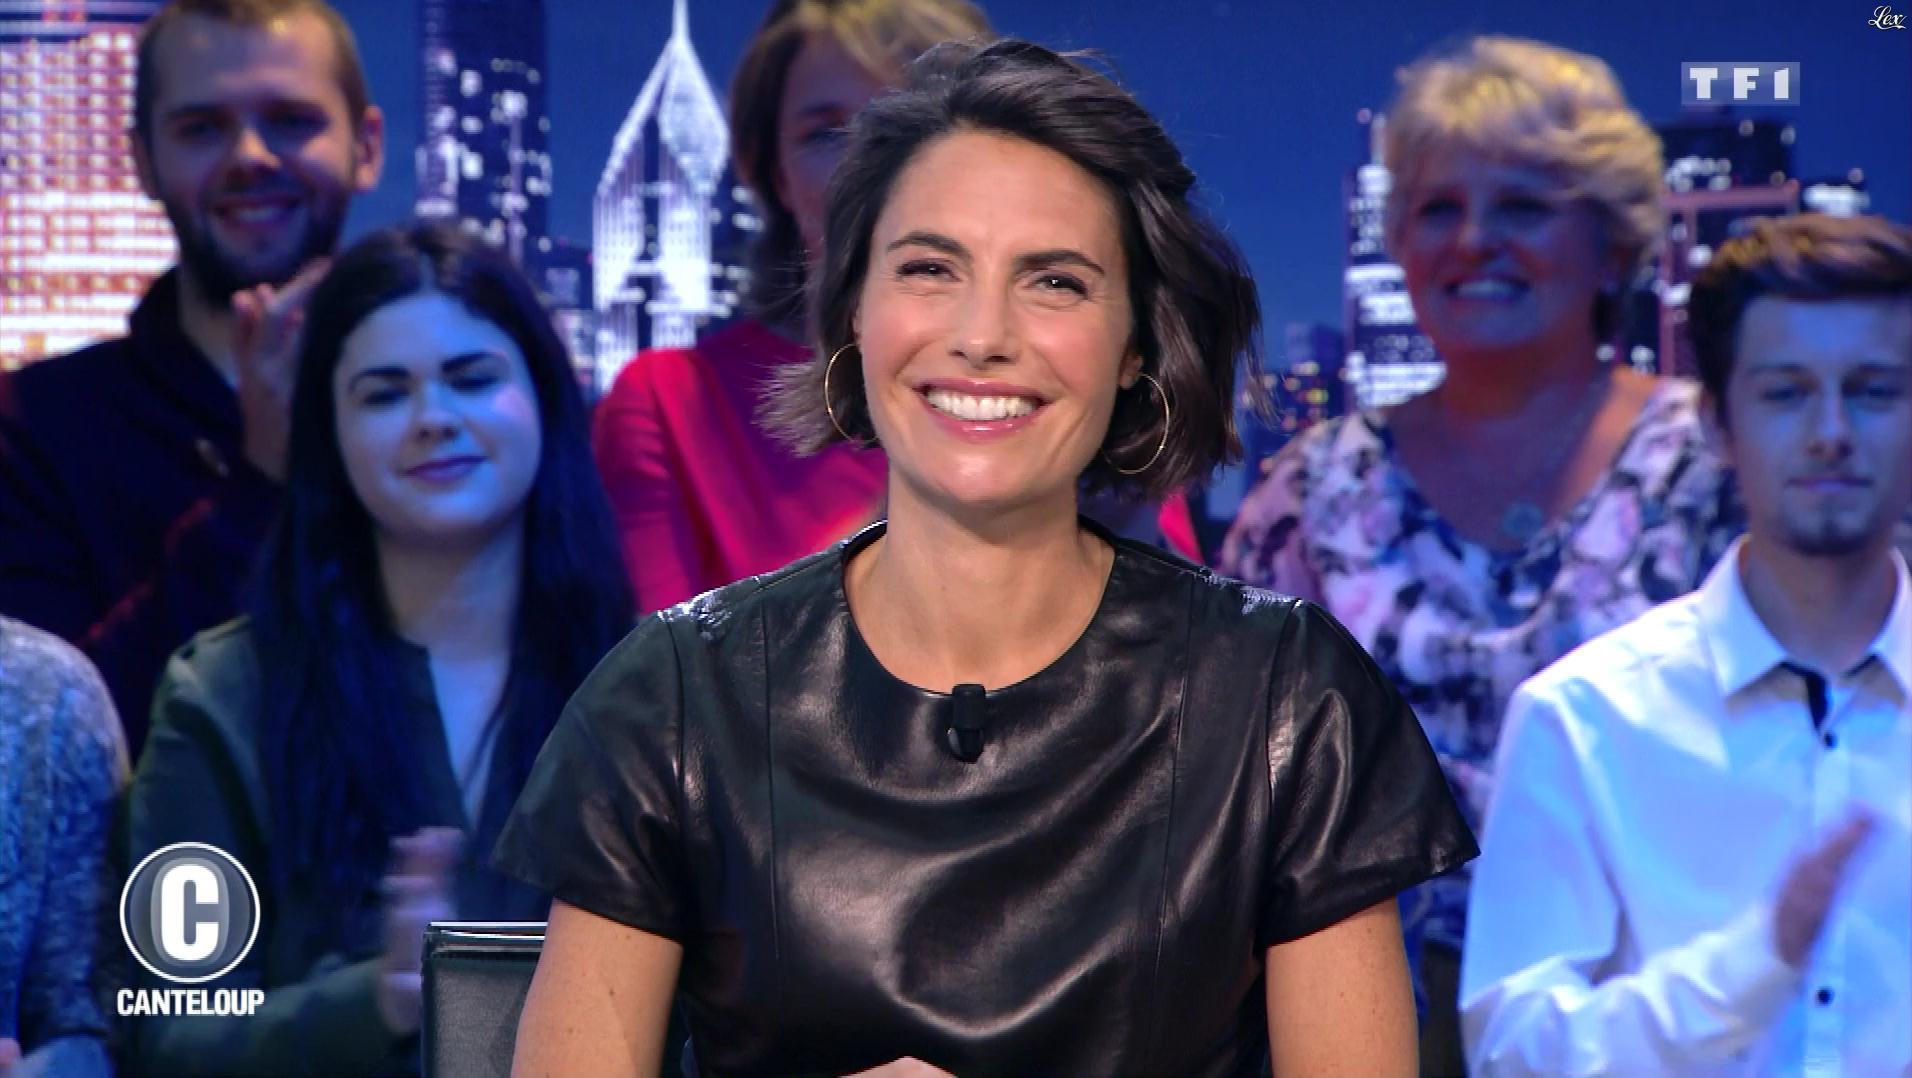 Alessandra Sublet dans c'est Canteloup. Diffusé à la télévision le 31/10/18.